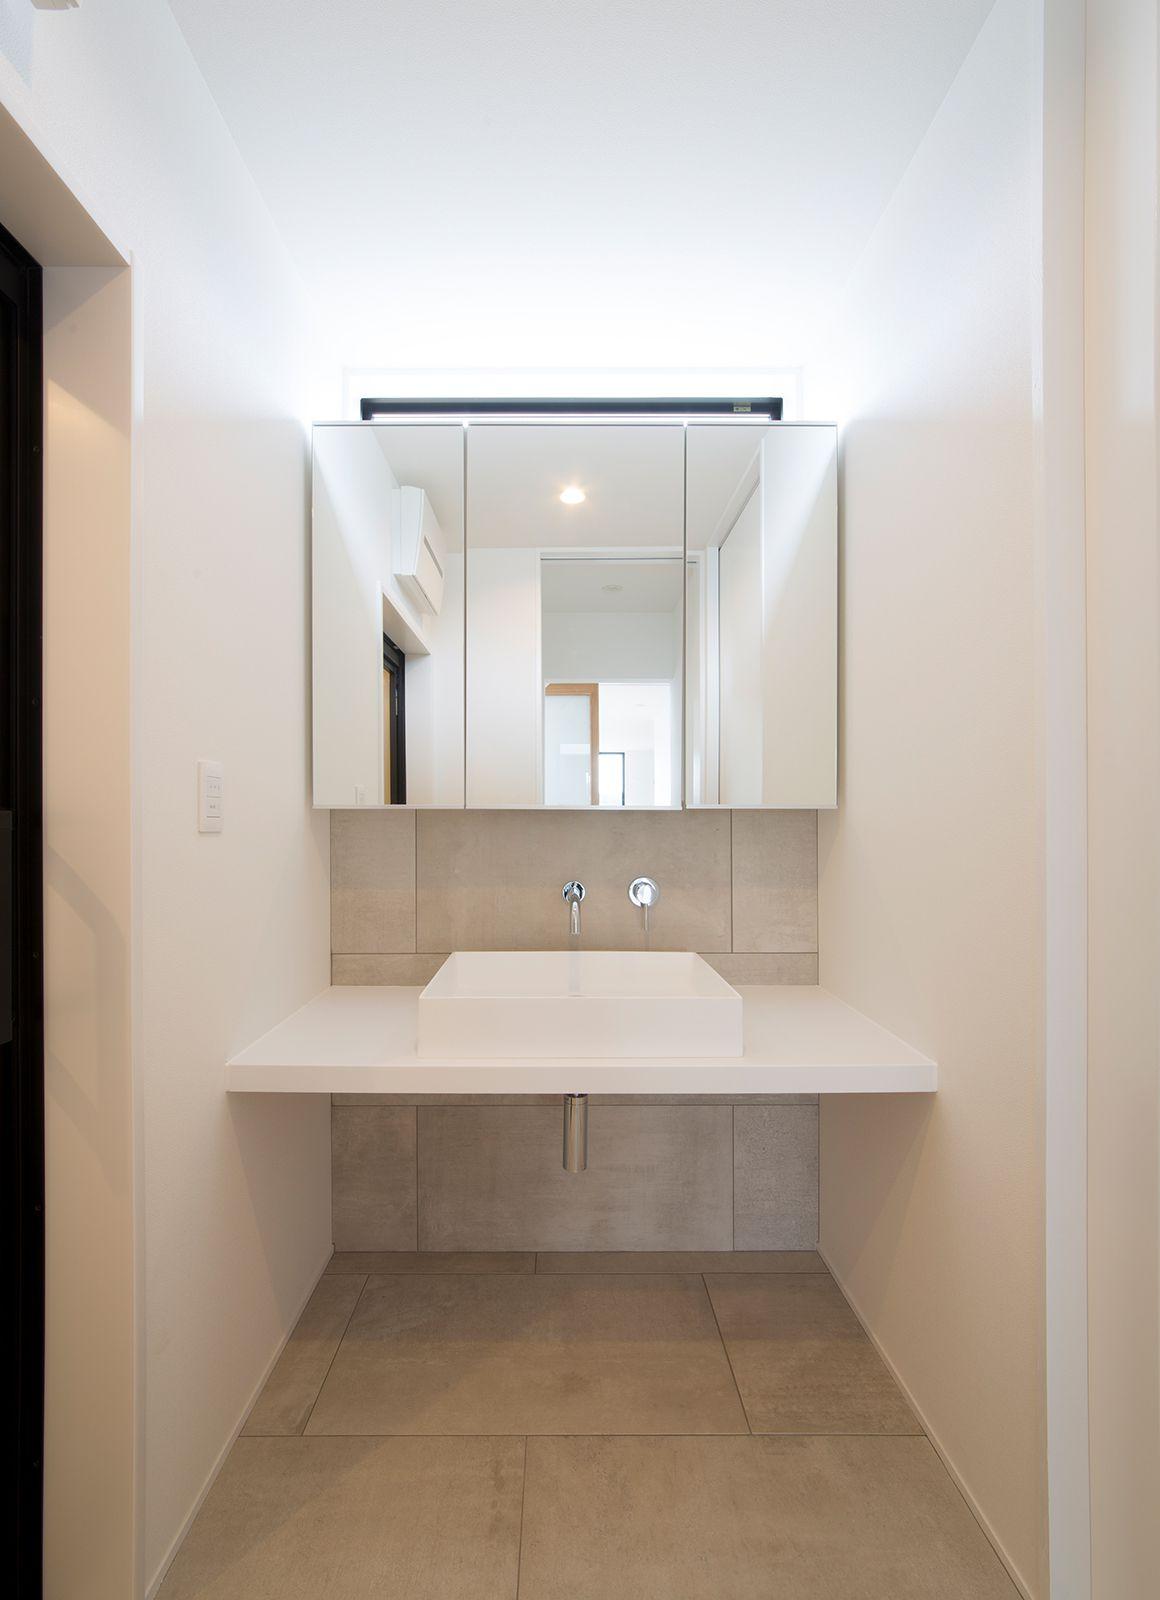 ルンバブルハウスの浴室・洗面室2